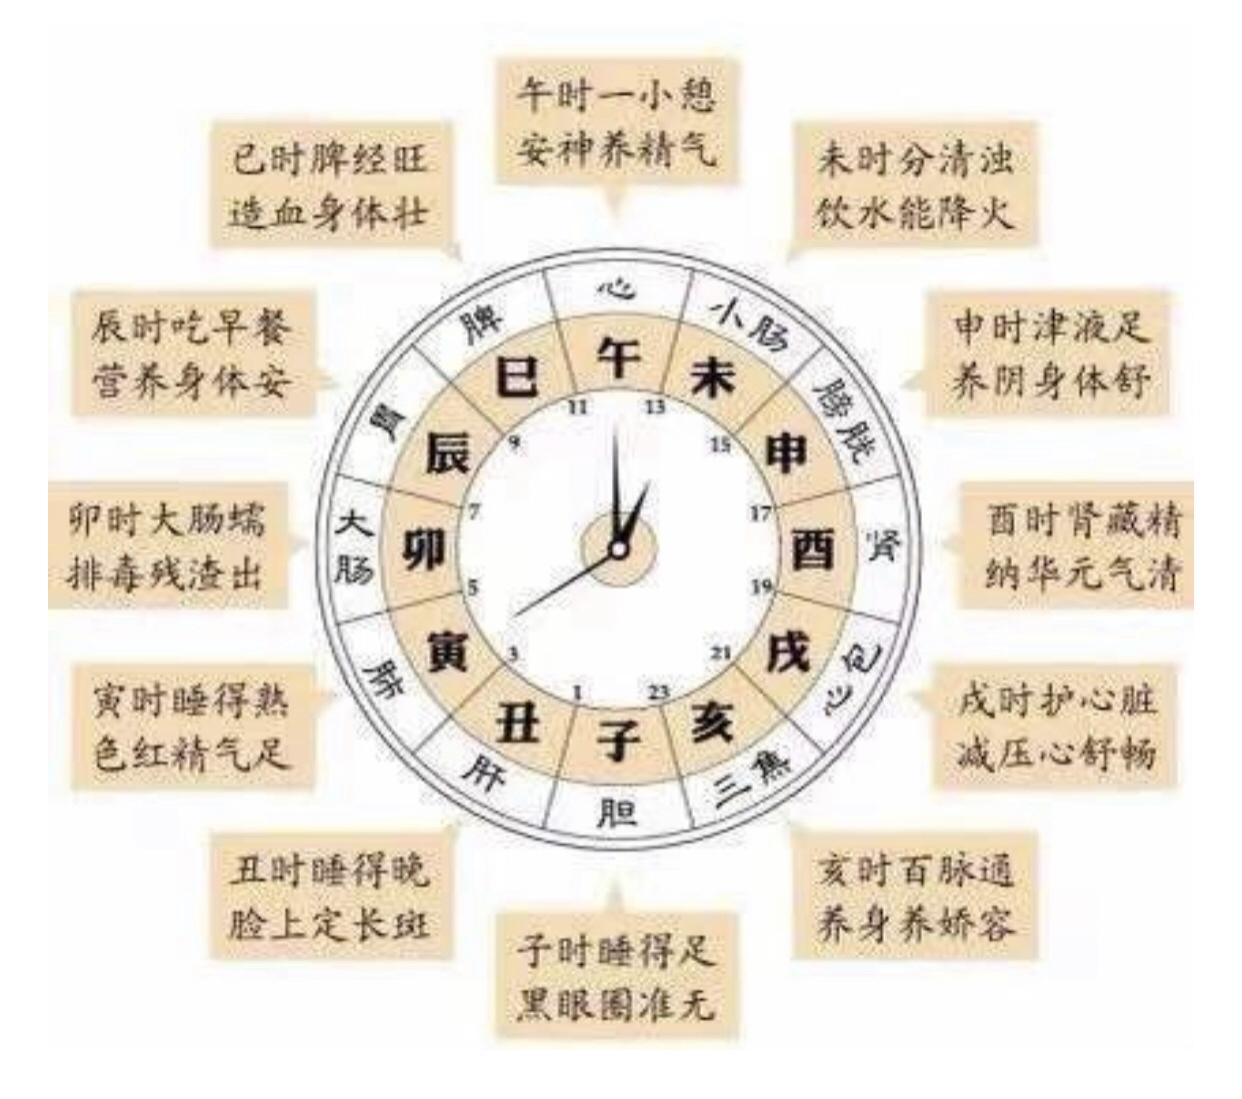 年月日时辰五行对照表